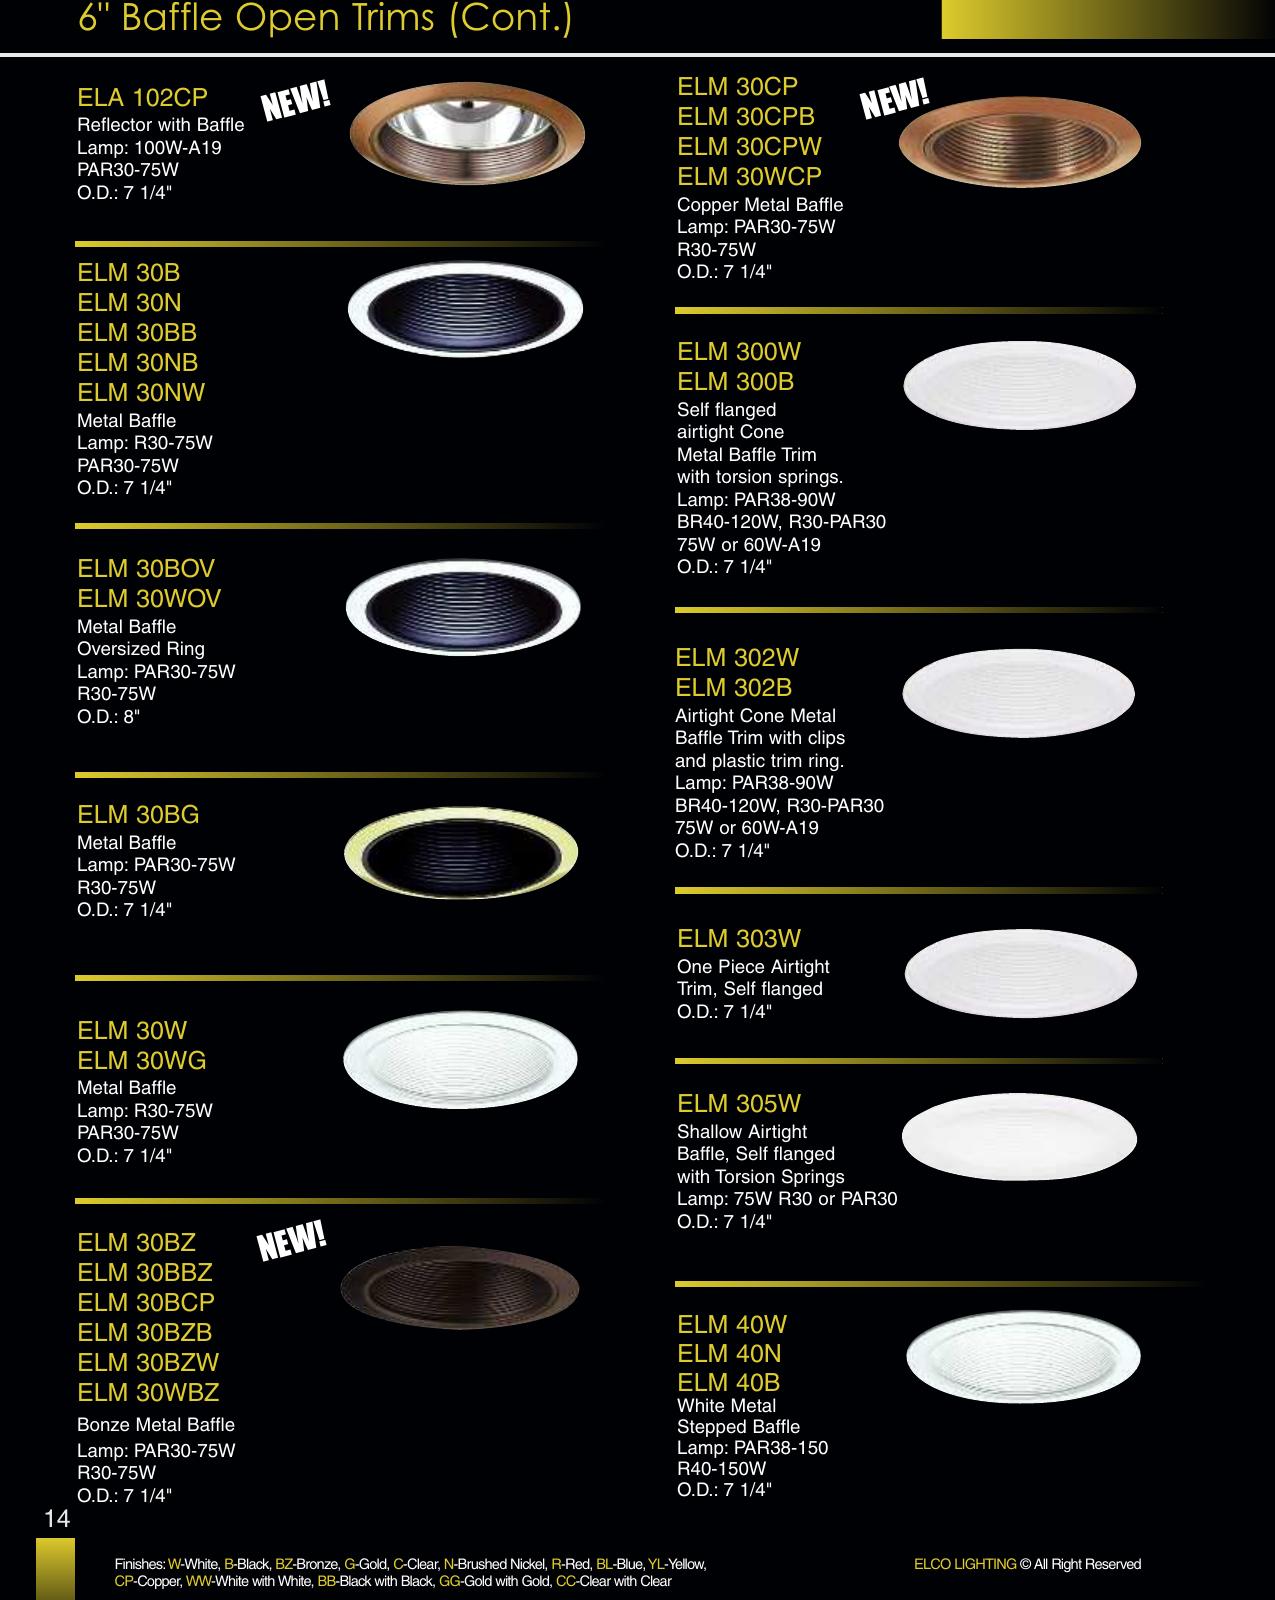 ELM500 Elco Lighting ELM500W 5 Airtight Metal Cone Baffle